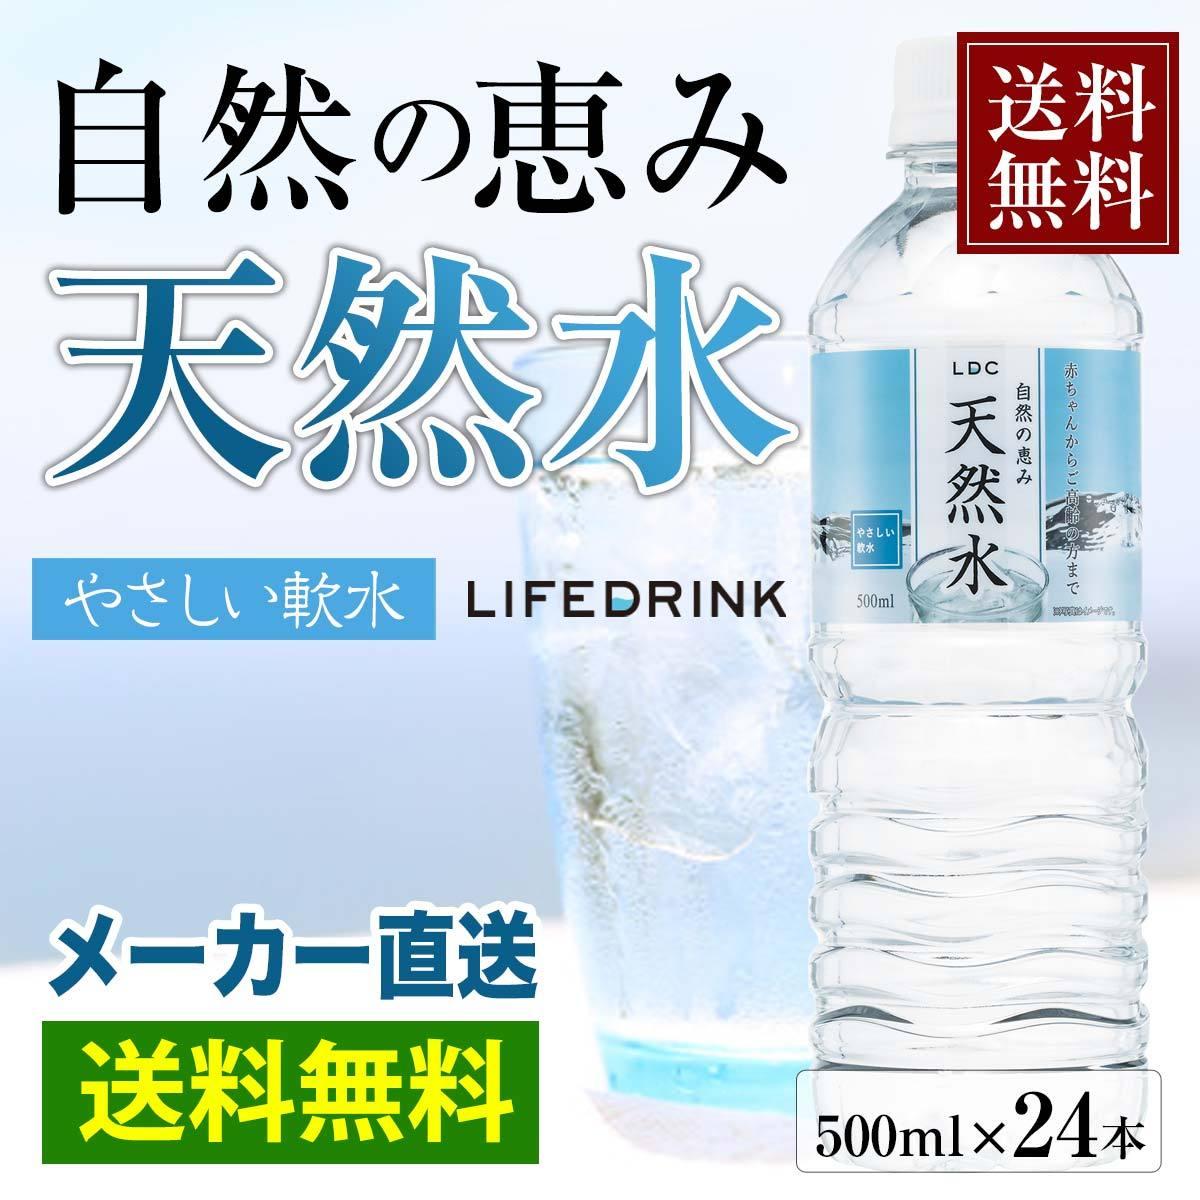 ミネラルウォーター 500ml 送料無料 24本 自然の恵み天然水 国産 ライフドリンクカンパニー LDC ペットボトル 軟水 備蓄水 非常用 水 熱中症対策